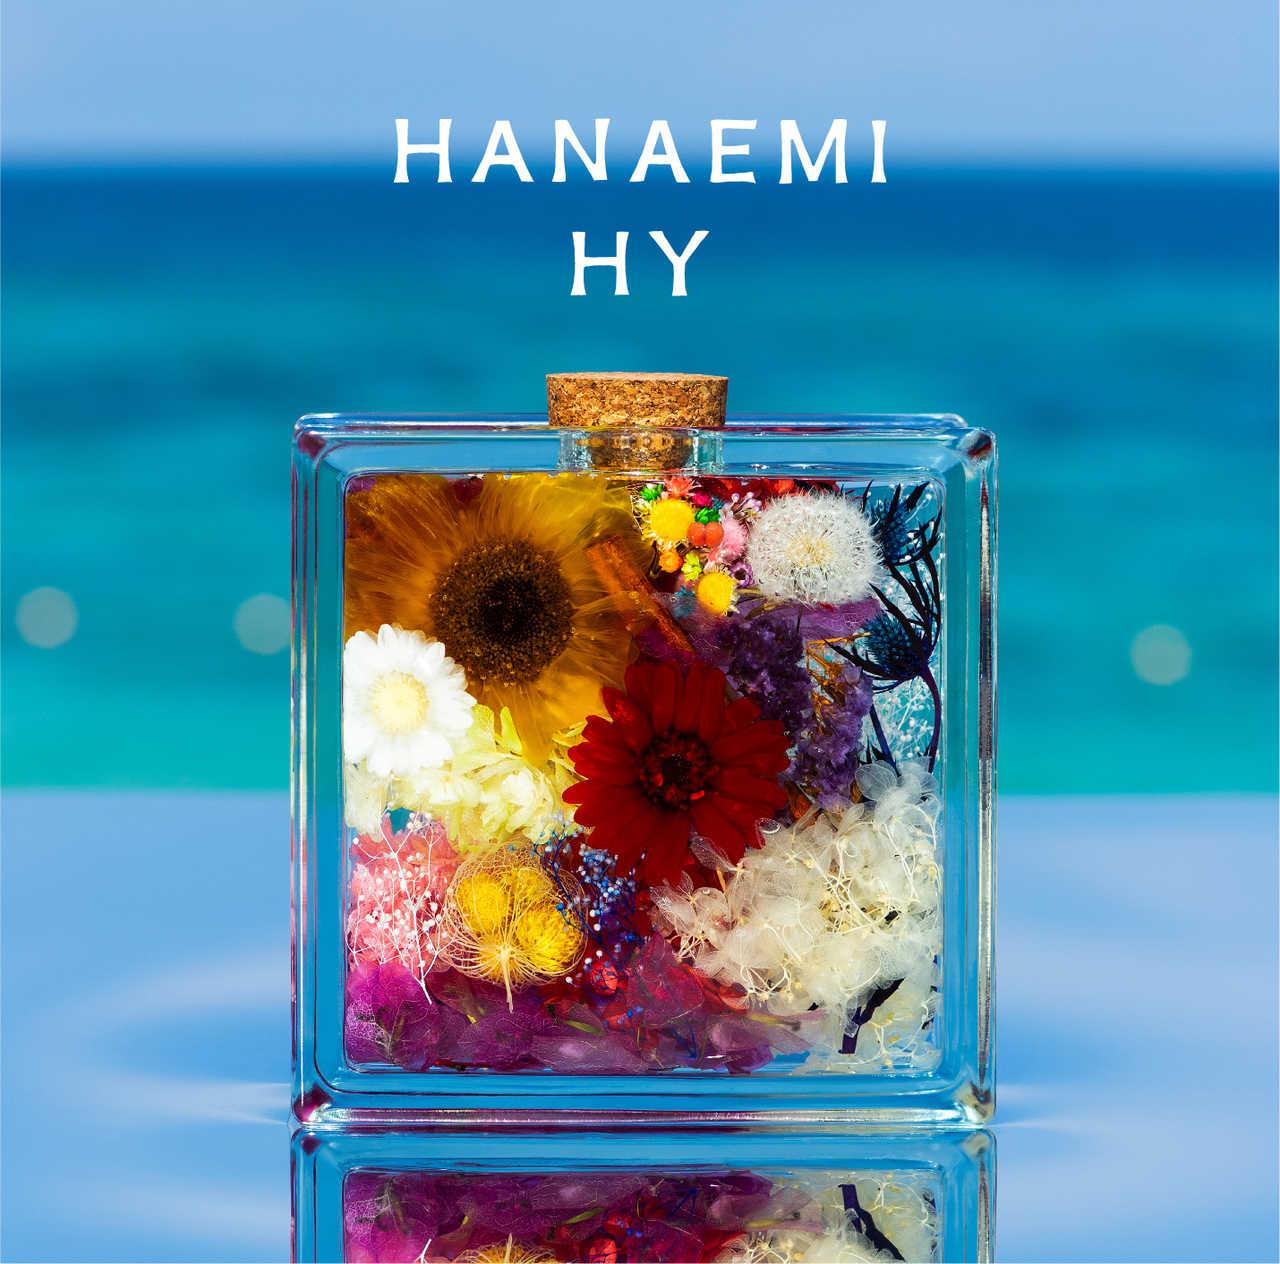 アルバム『HANAEMI』【通常盤】(CD)